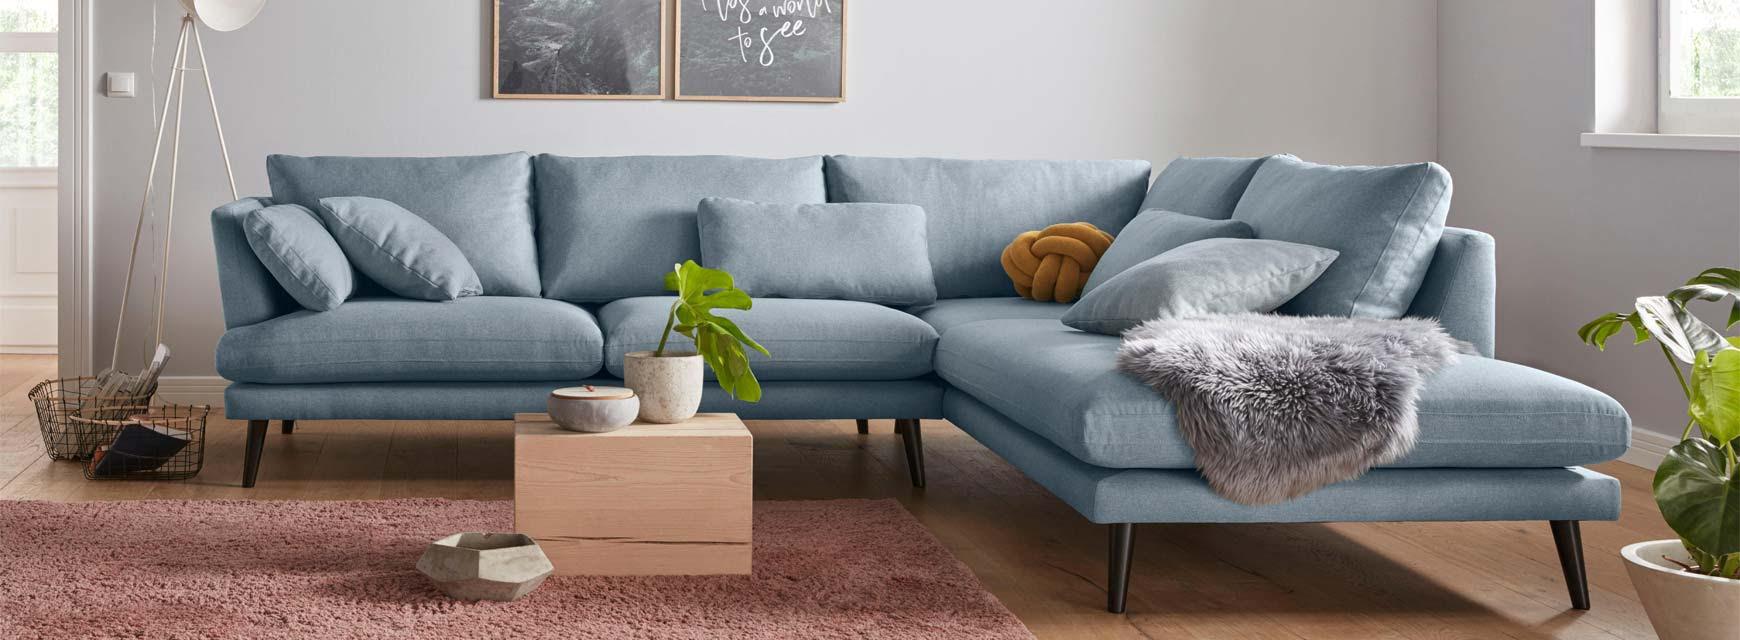 Couch Für Kleines Wohnzimmer Sofa Sehr Einrichten Leder ...